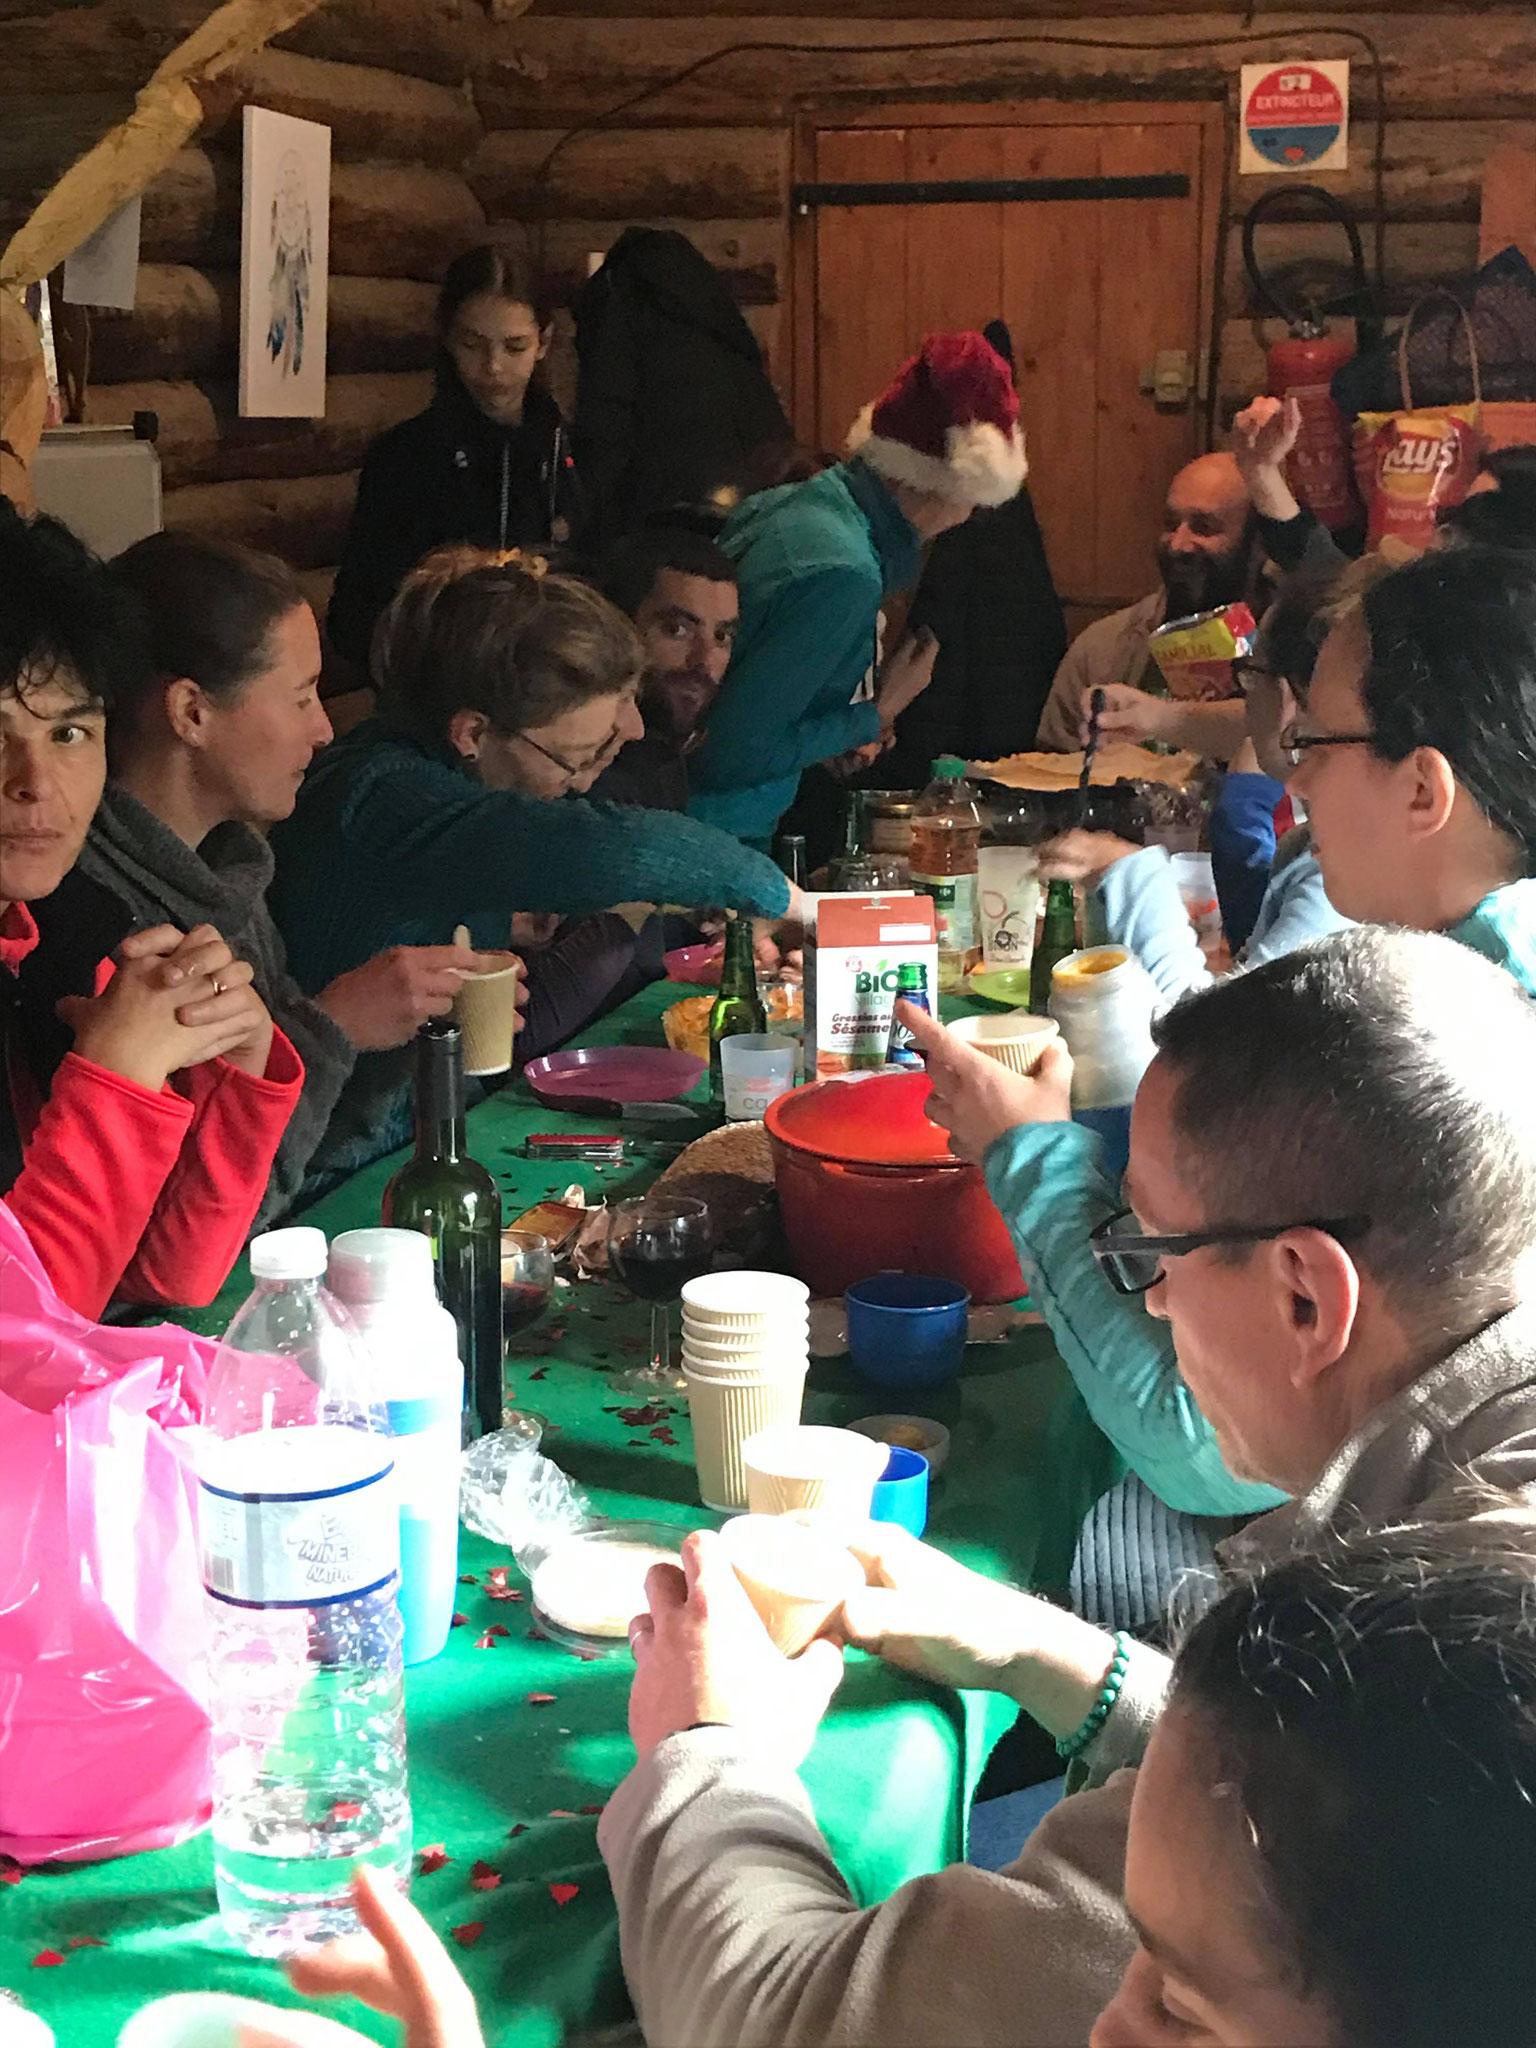 1er repas ! on pensait pourvoir accueillir 8/10 personnes...on était 14 à manger ;)